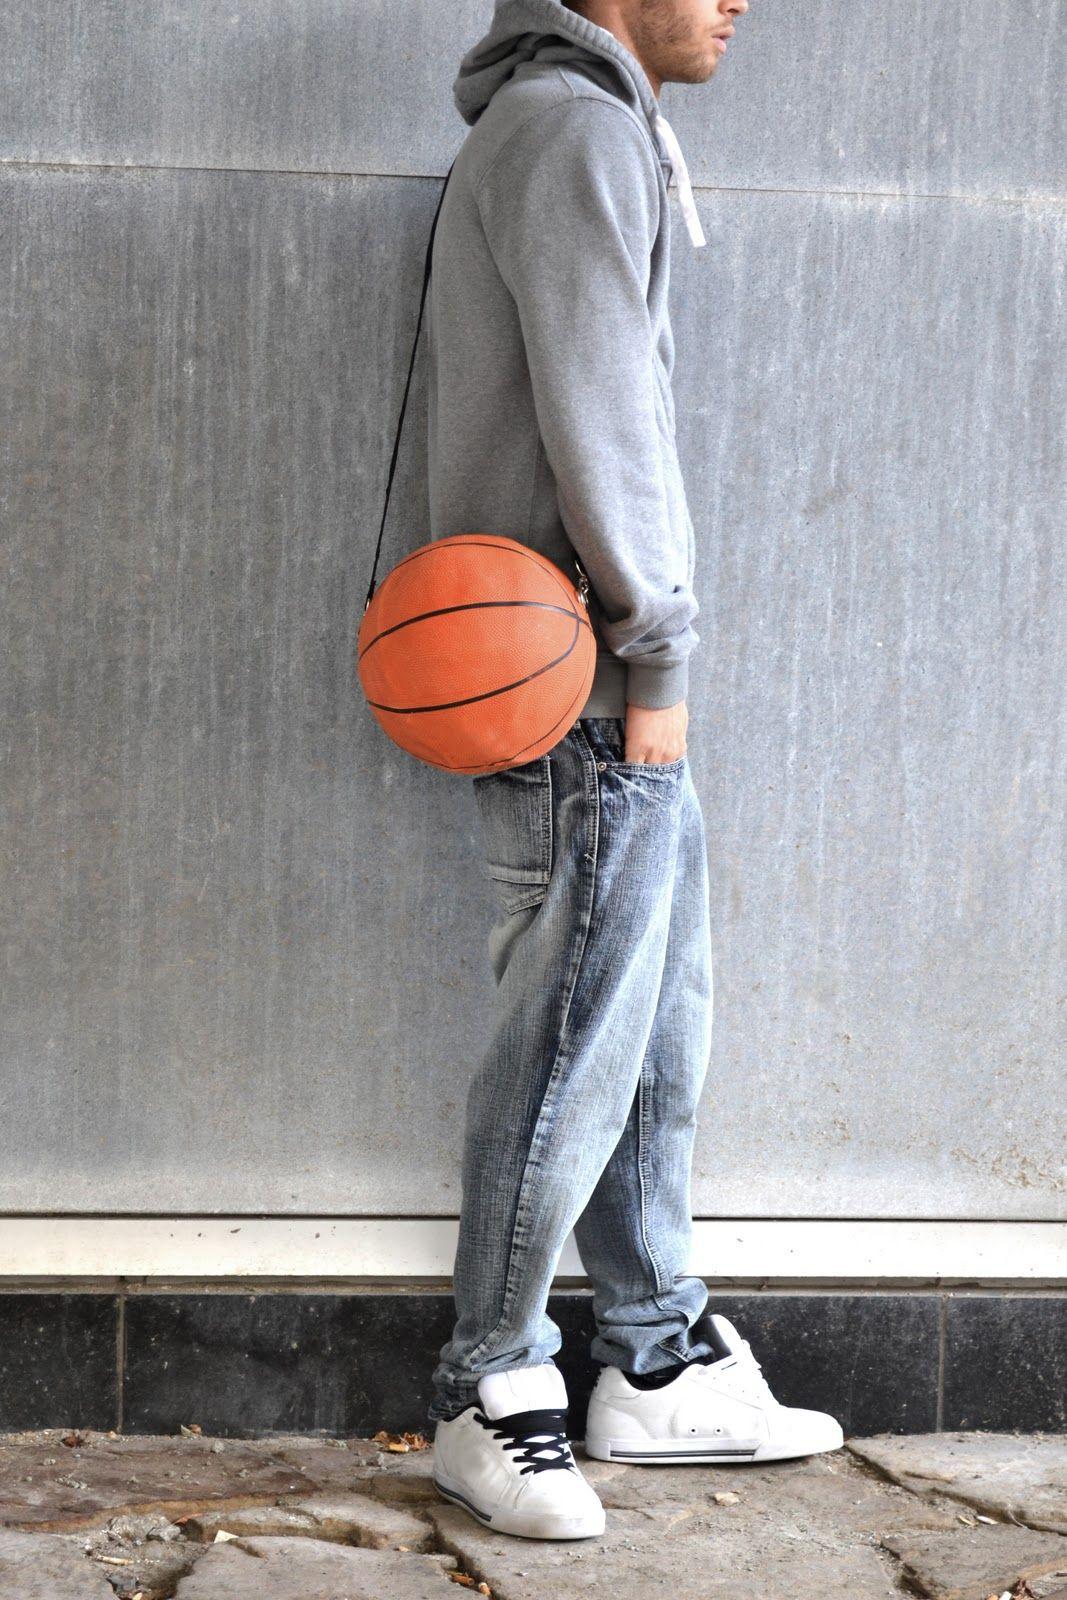 Recicla tu pelota de basketball. RE   Basketball bag. One of the coolest  upcycling and DIY websites ever!!! 261af0fdc3eb7